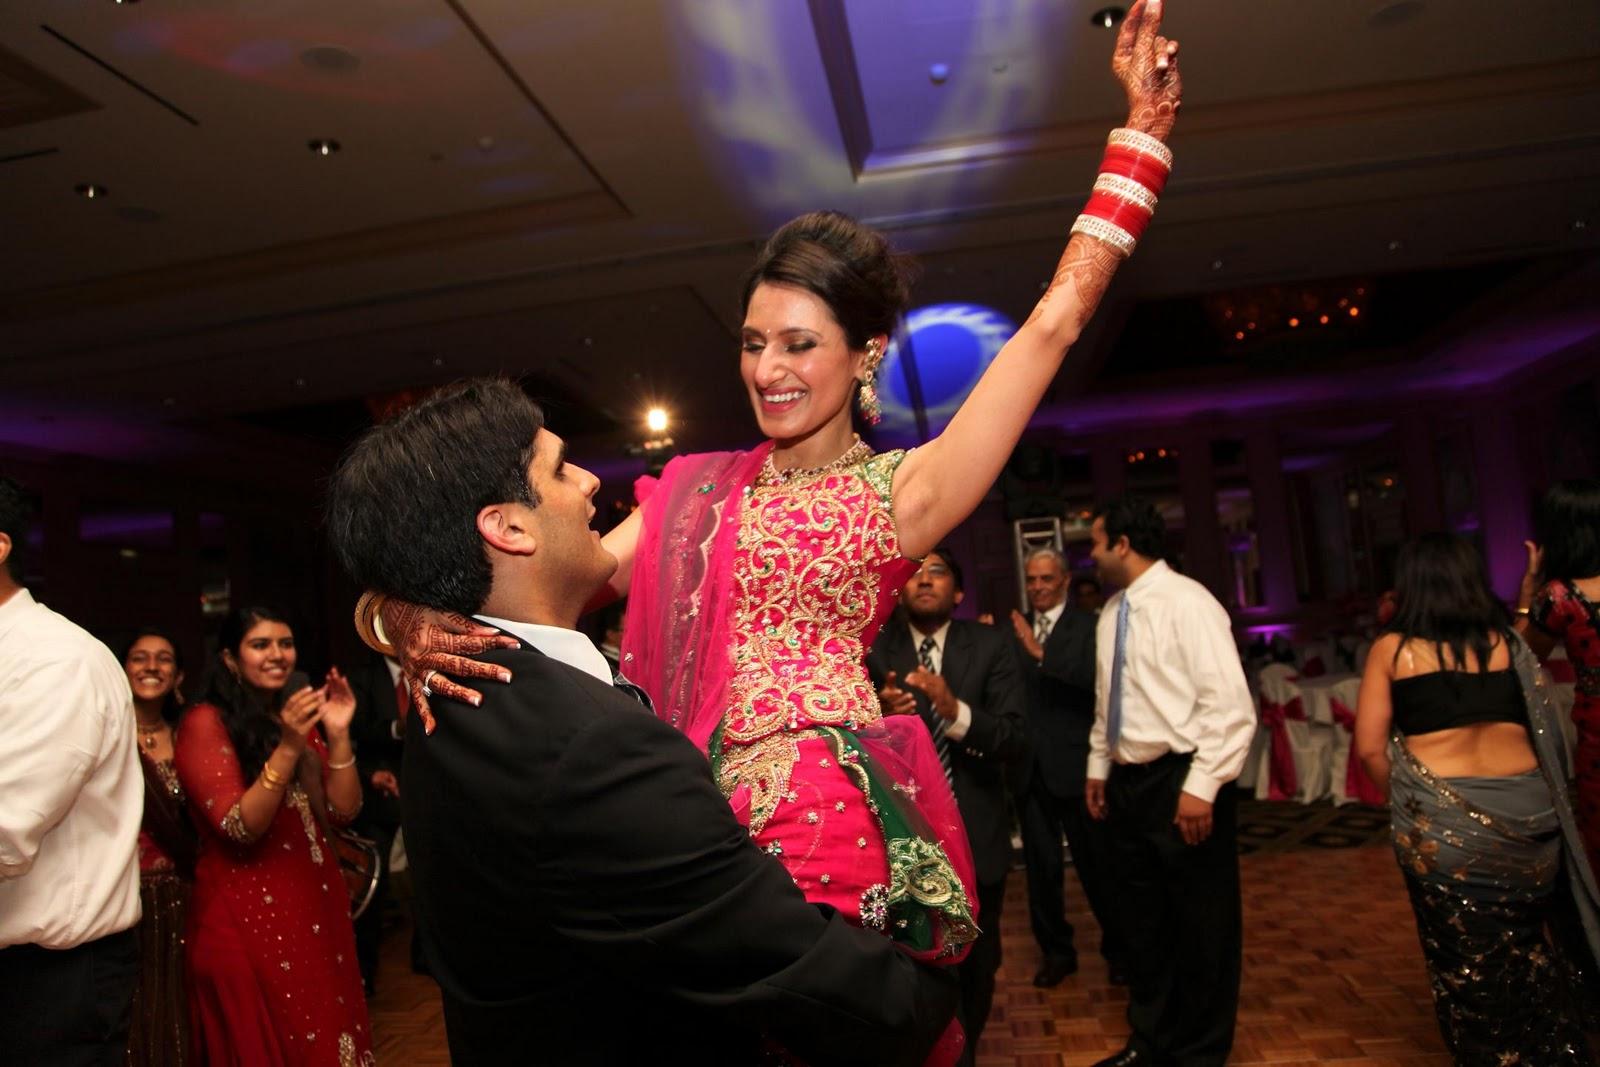 Hindu wedding at the Wynfrey